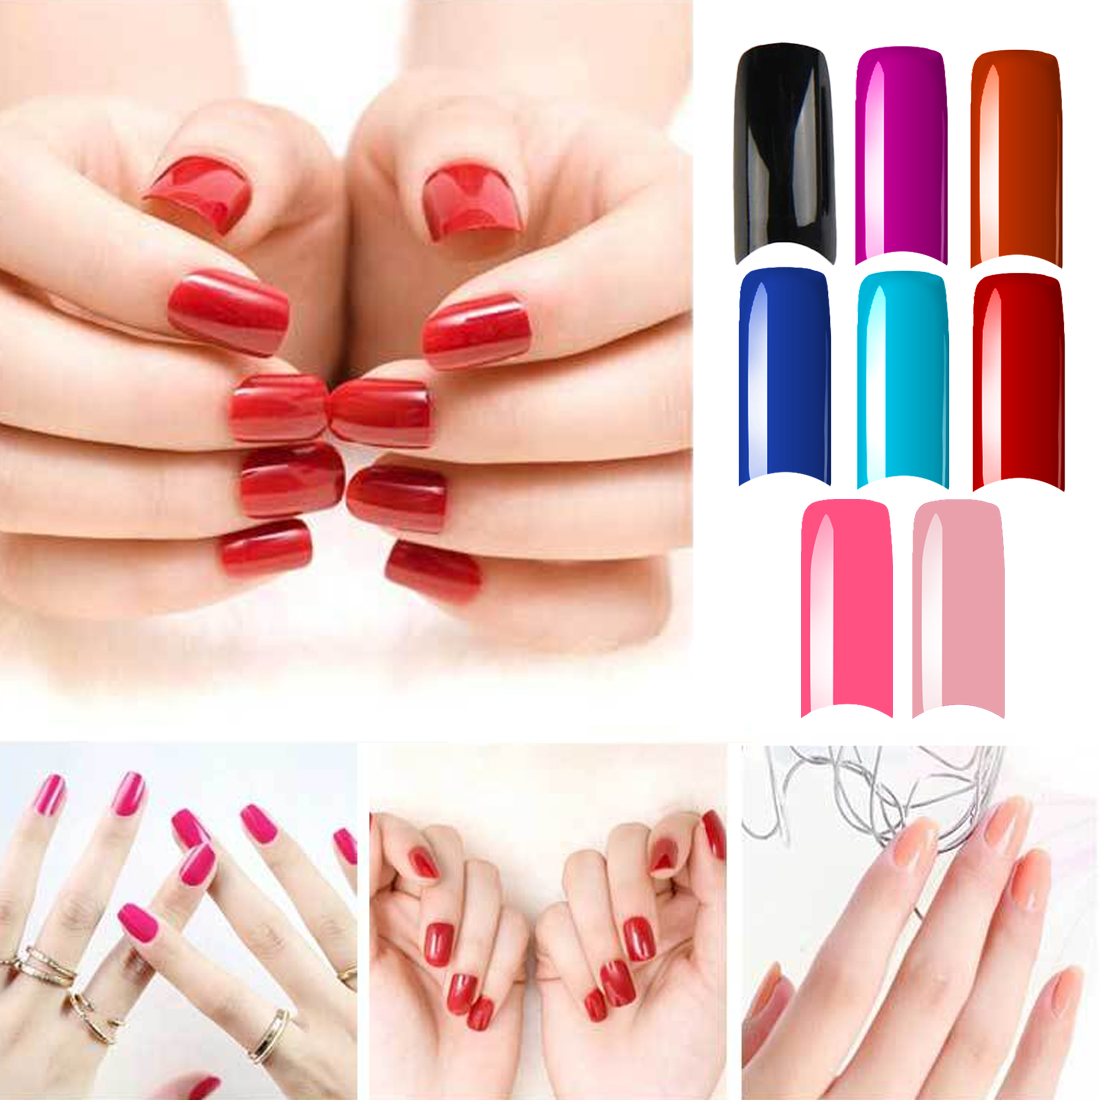 pcs set multi color professional